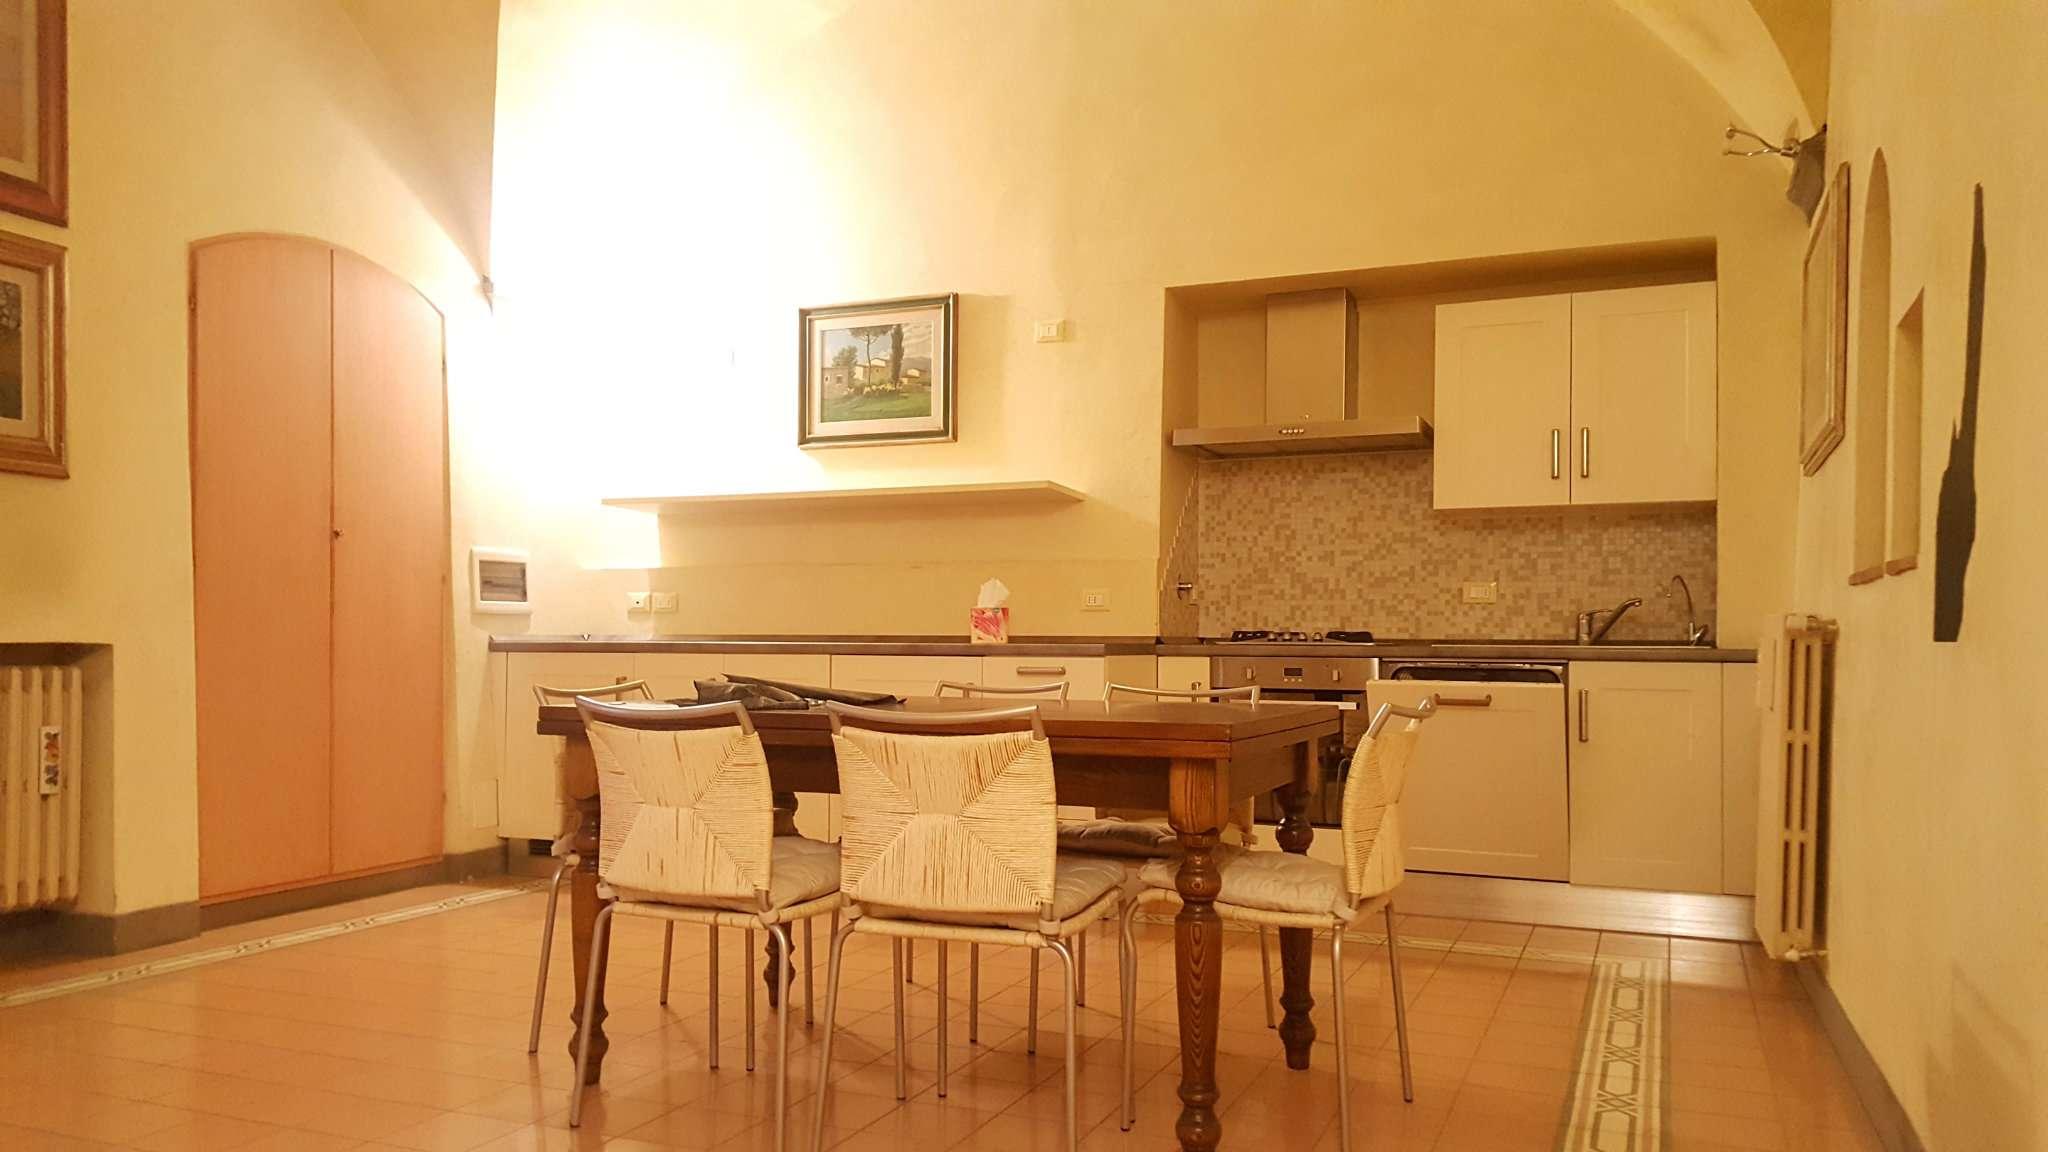 Soluzione Indipendente in affitto a Calenzano, 2 locali, prezzo € 700 | CambioCasa.it